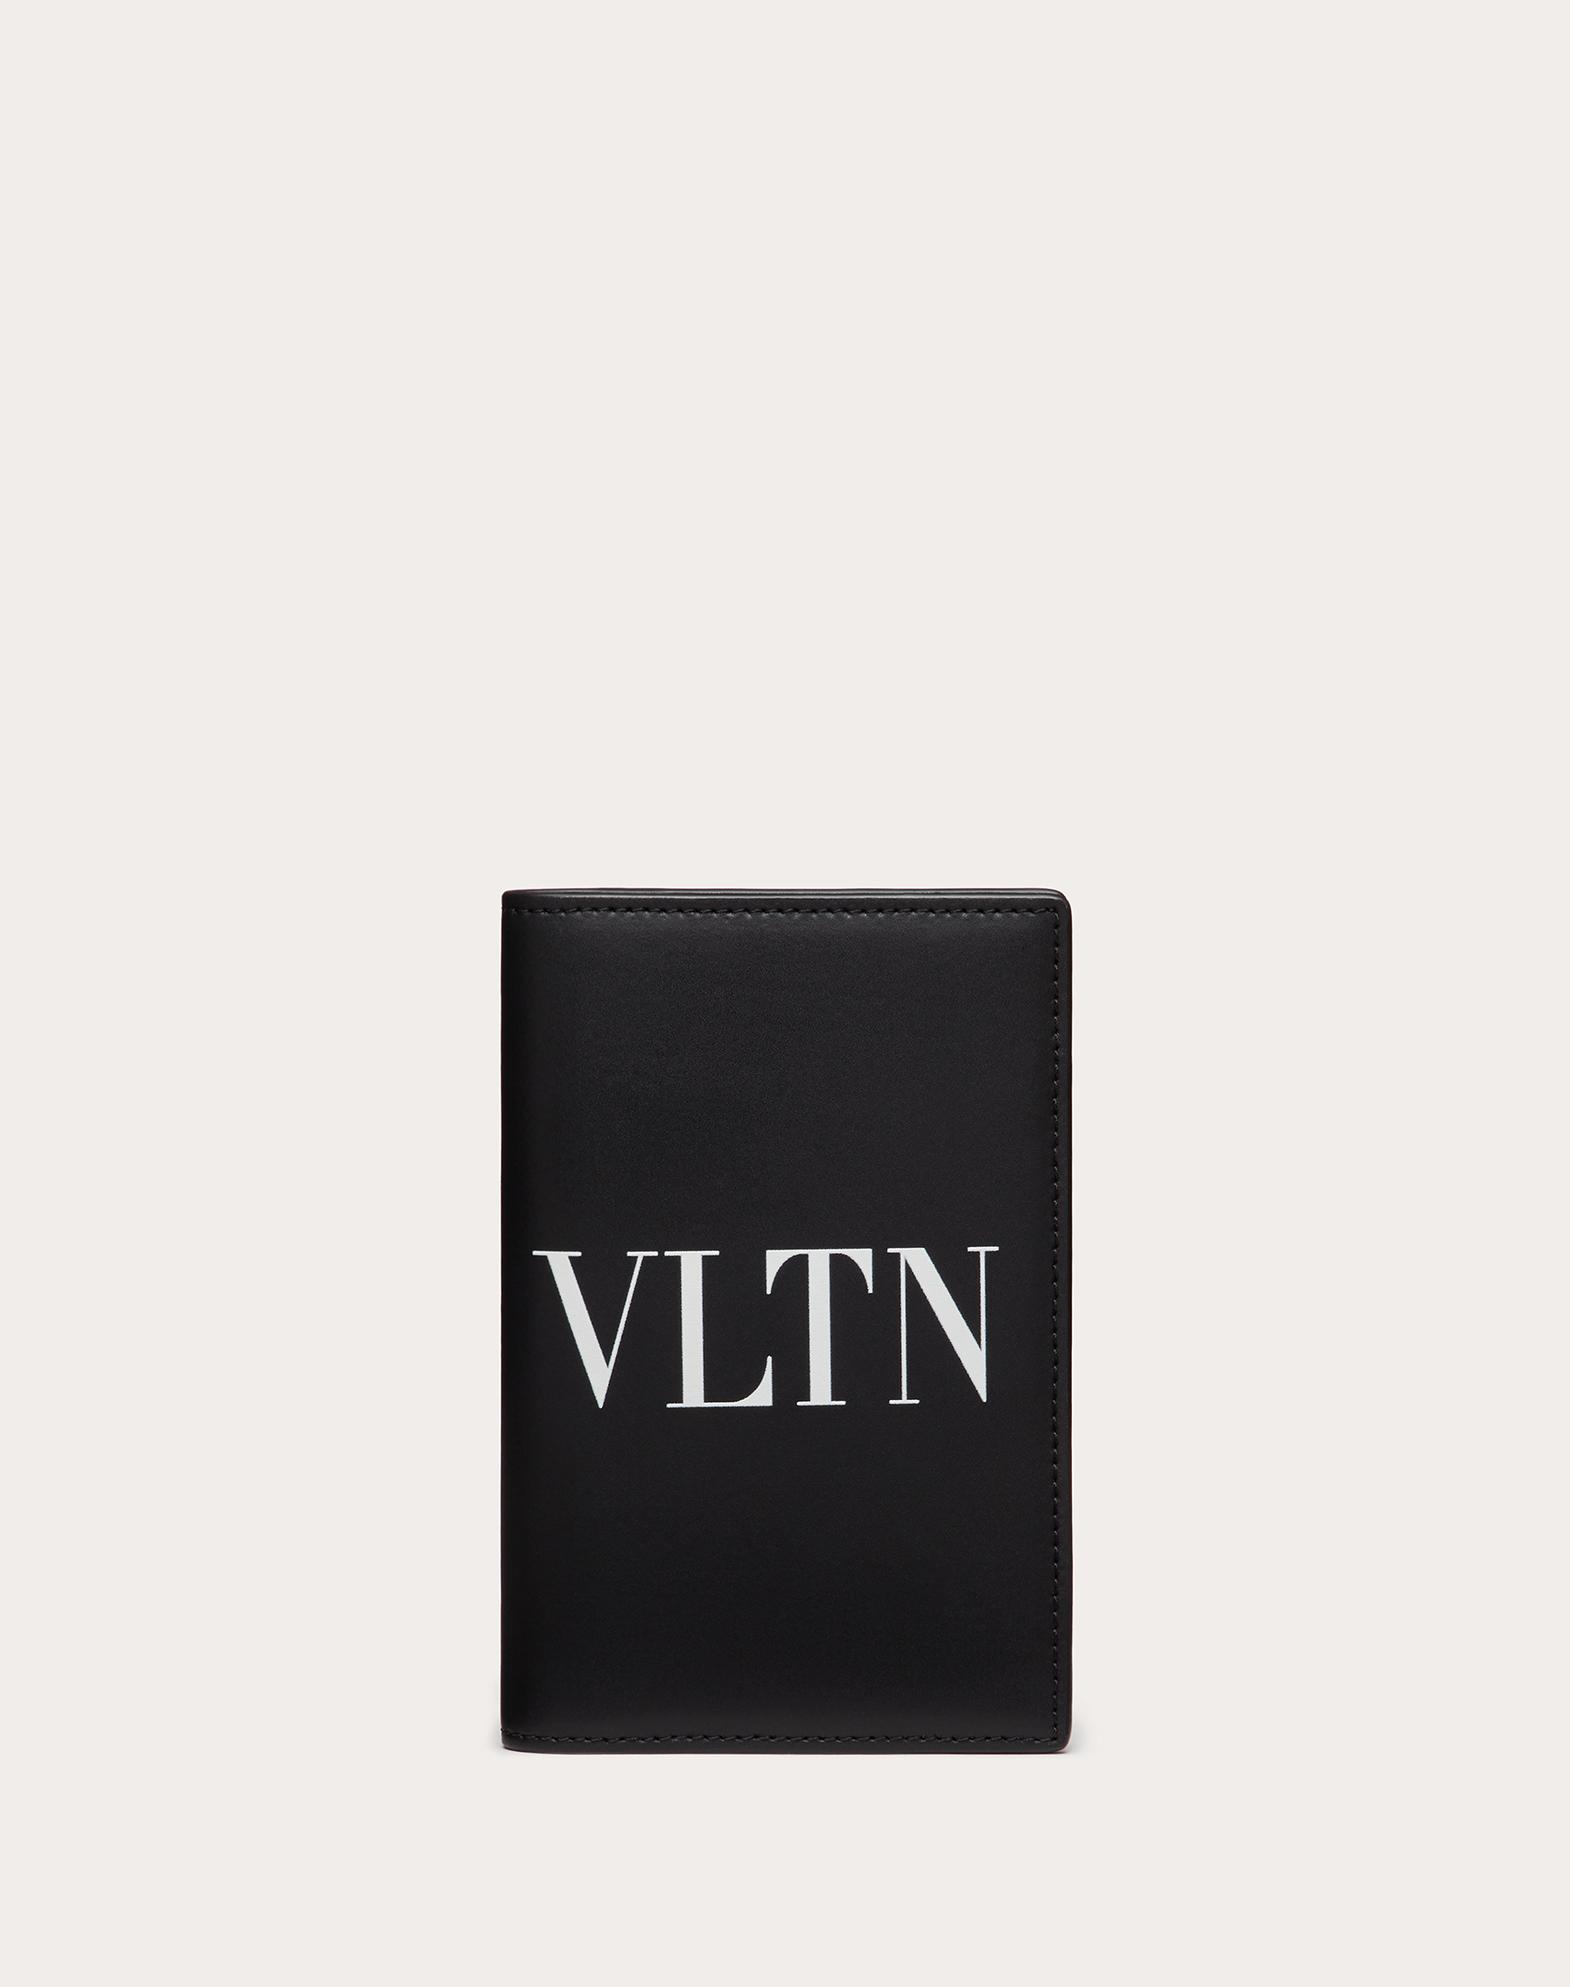 VLTN Passport Cover